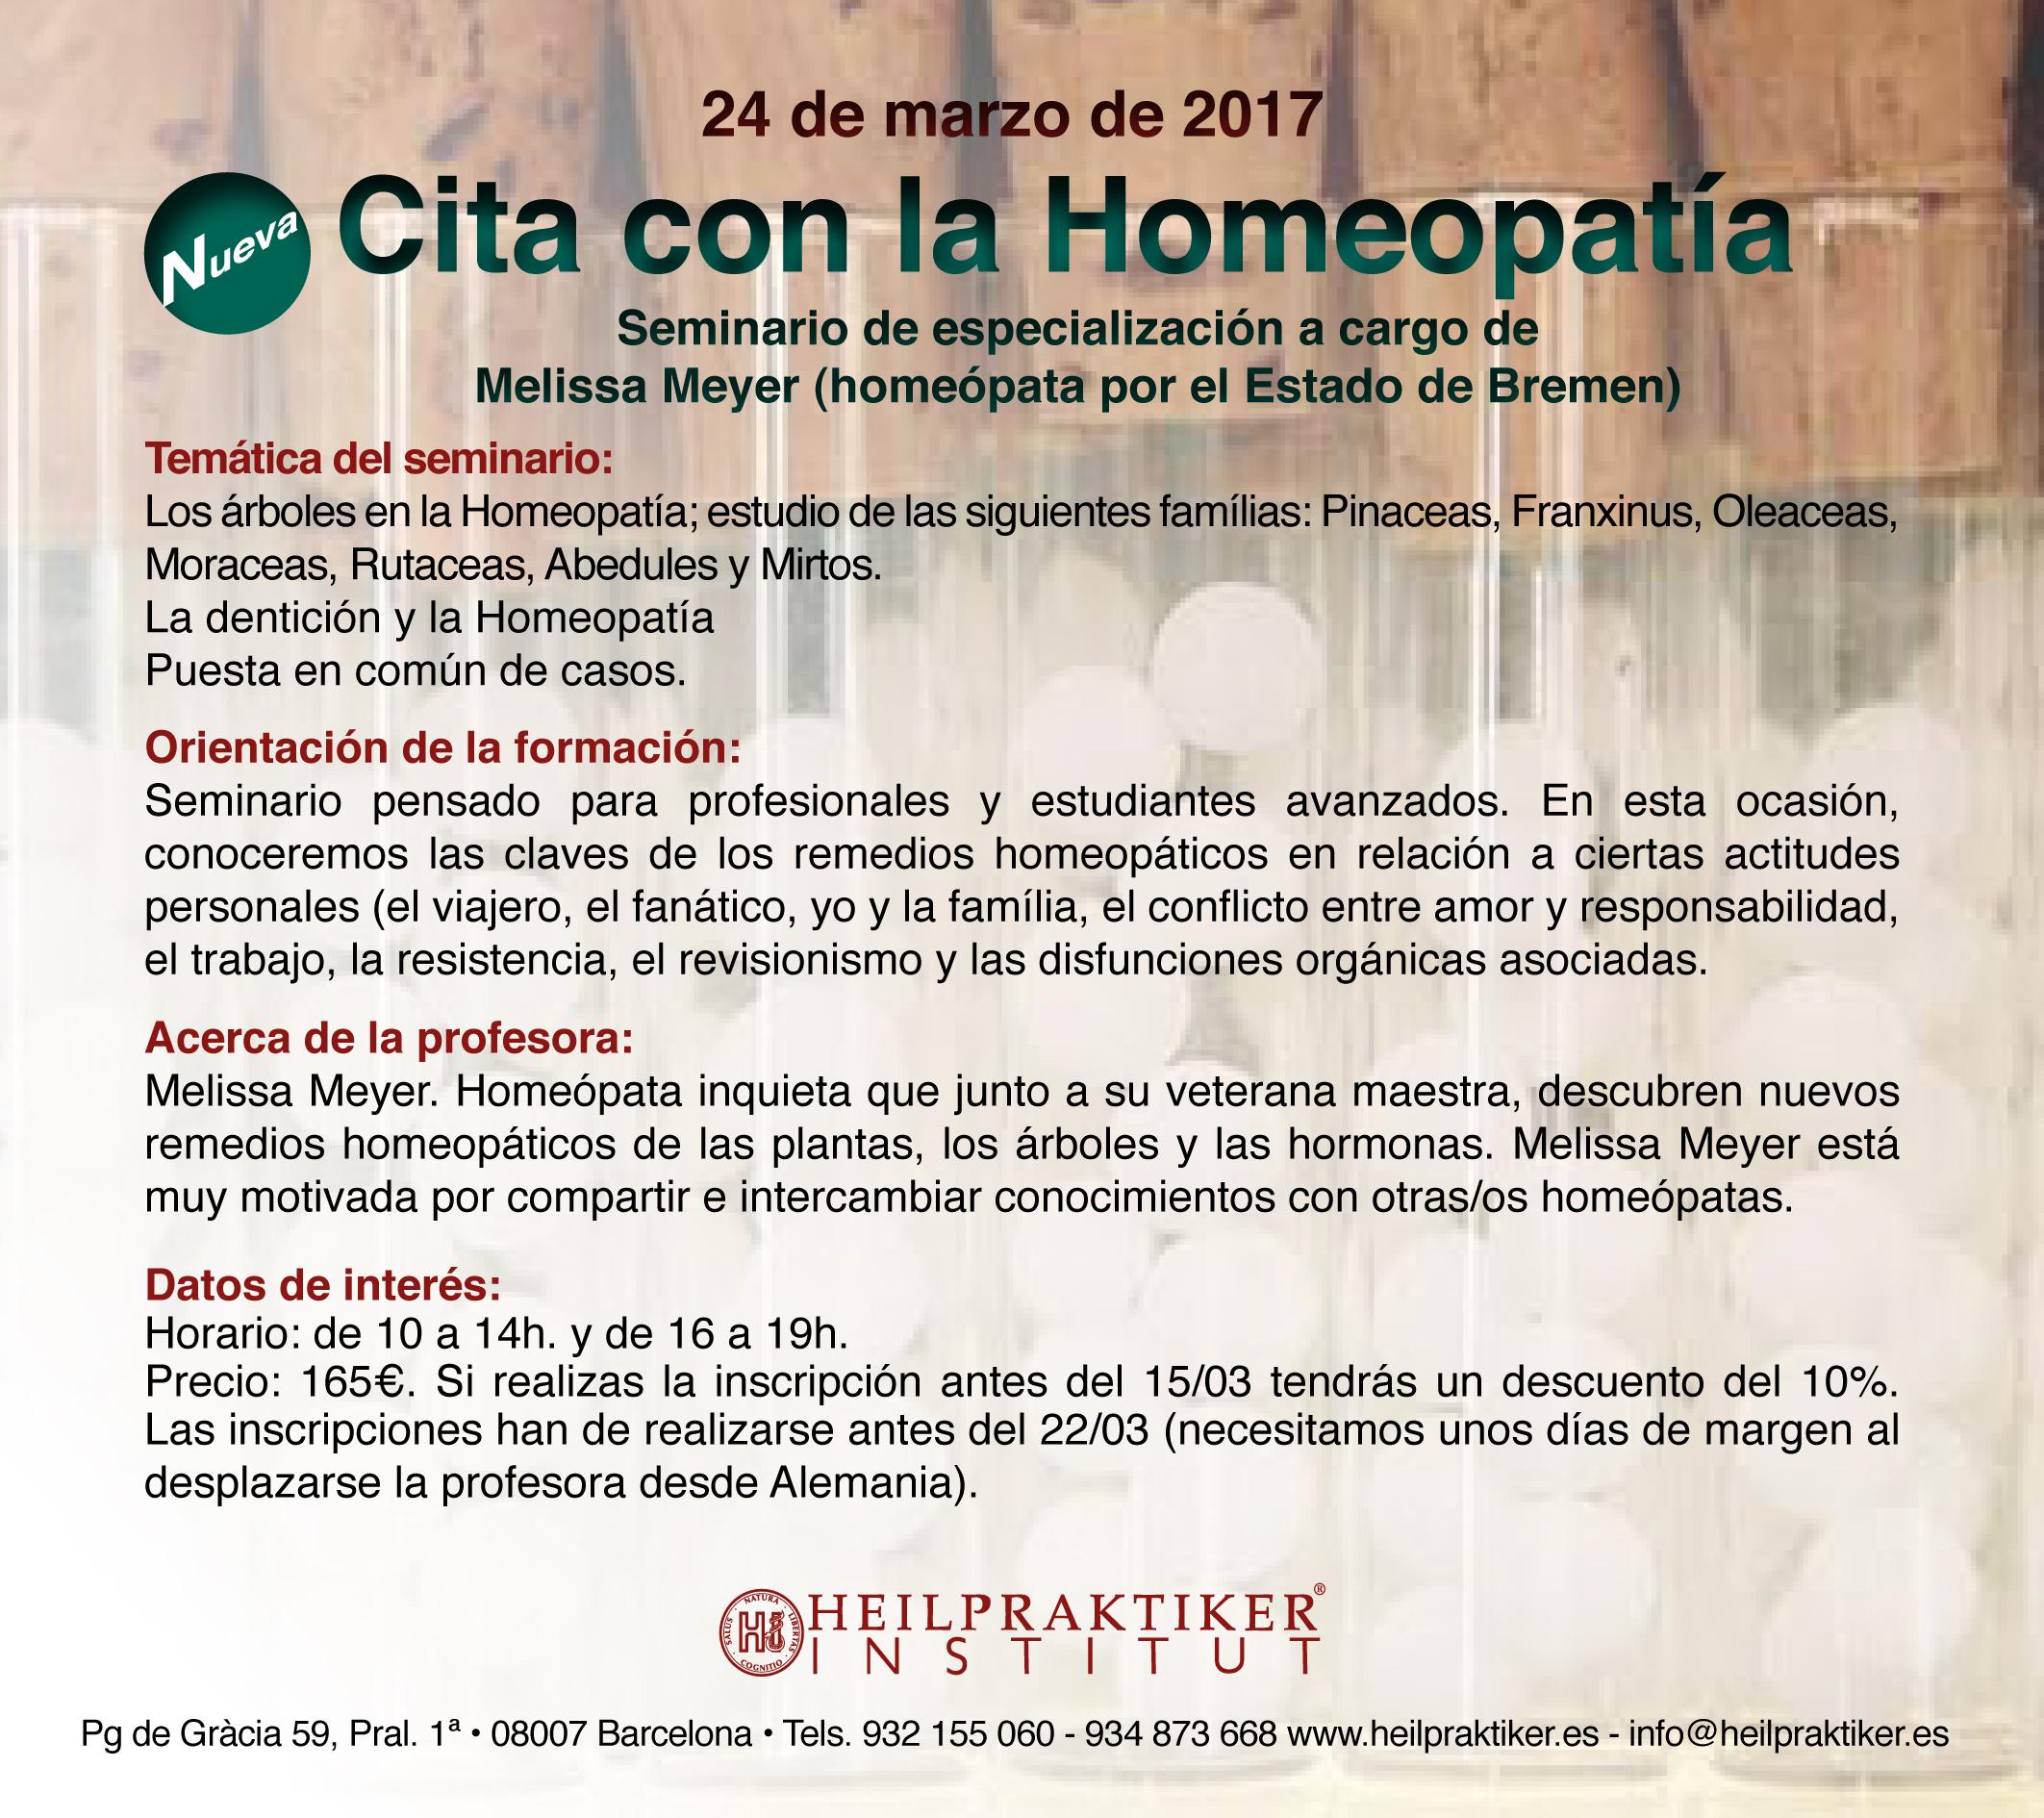 Cita con la Homeopatía 24.3.2017